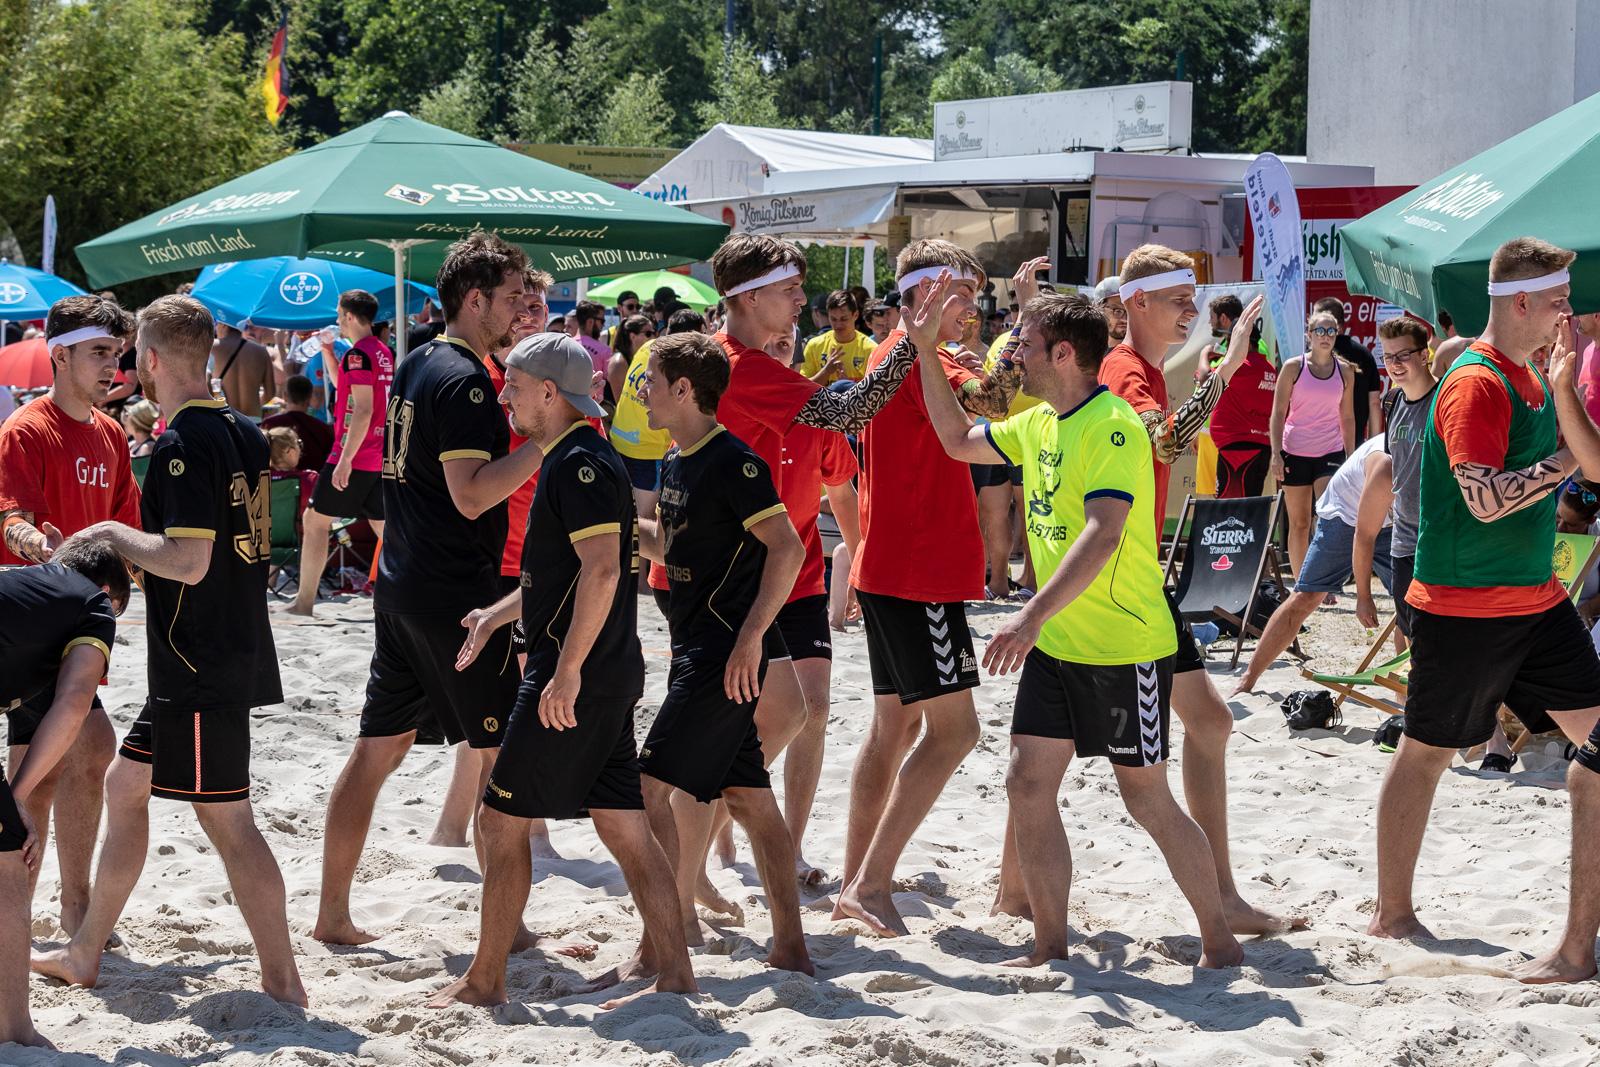 Fairplay gehört auch beim Beach Handball dazu. (Foto: photominister.de)